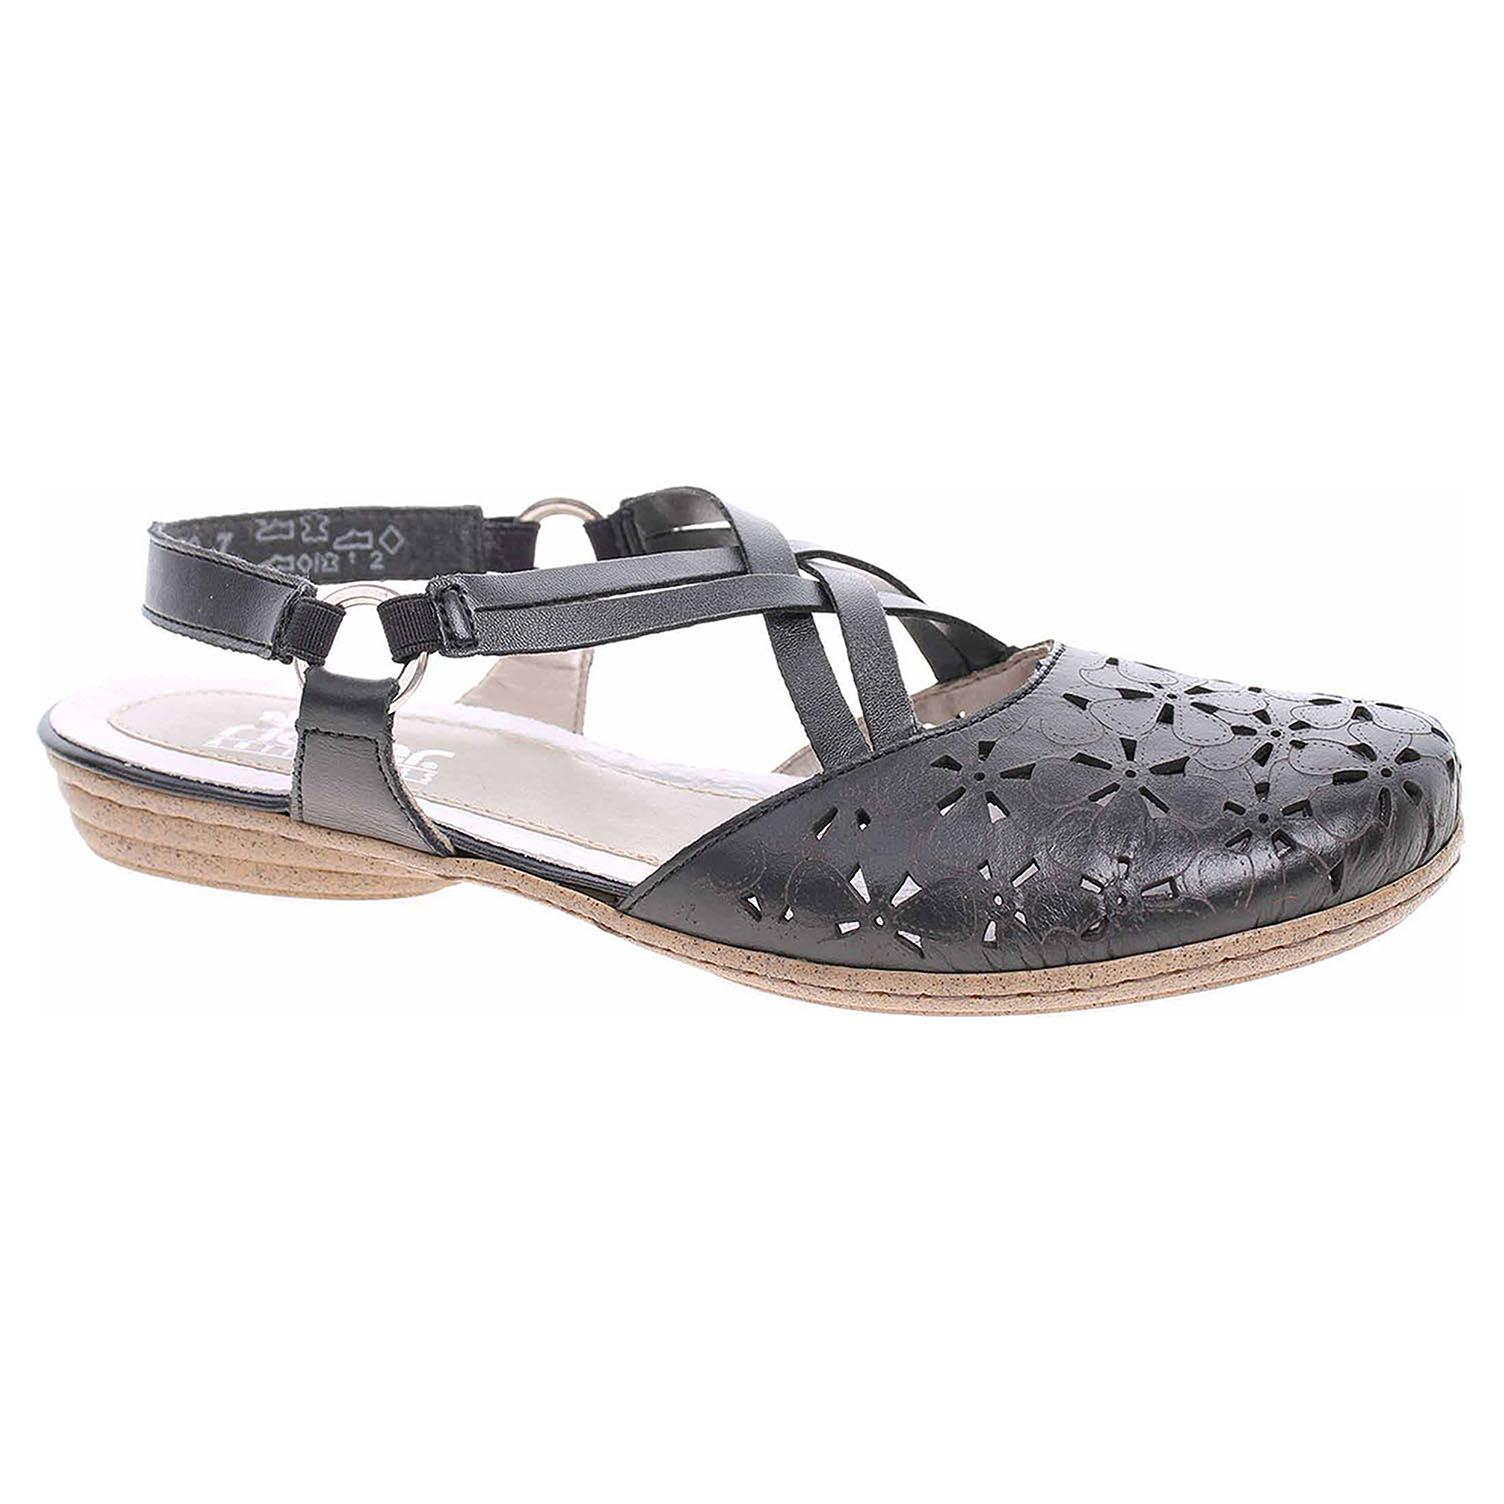 67a422ef243d Ecco Dámské sandály Rieker 53996-00 schwarz 23801420